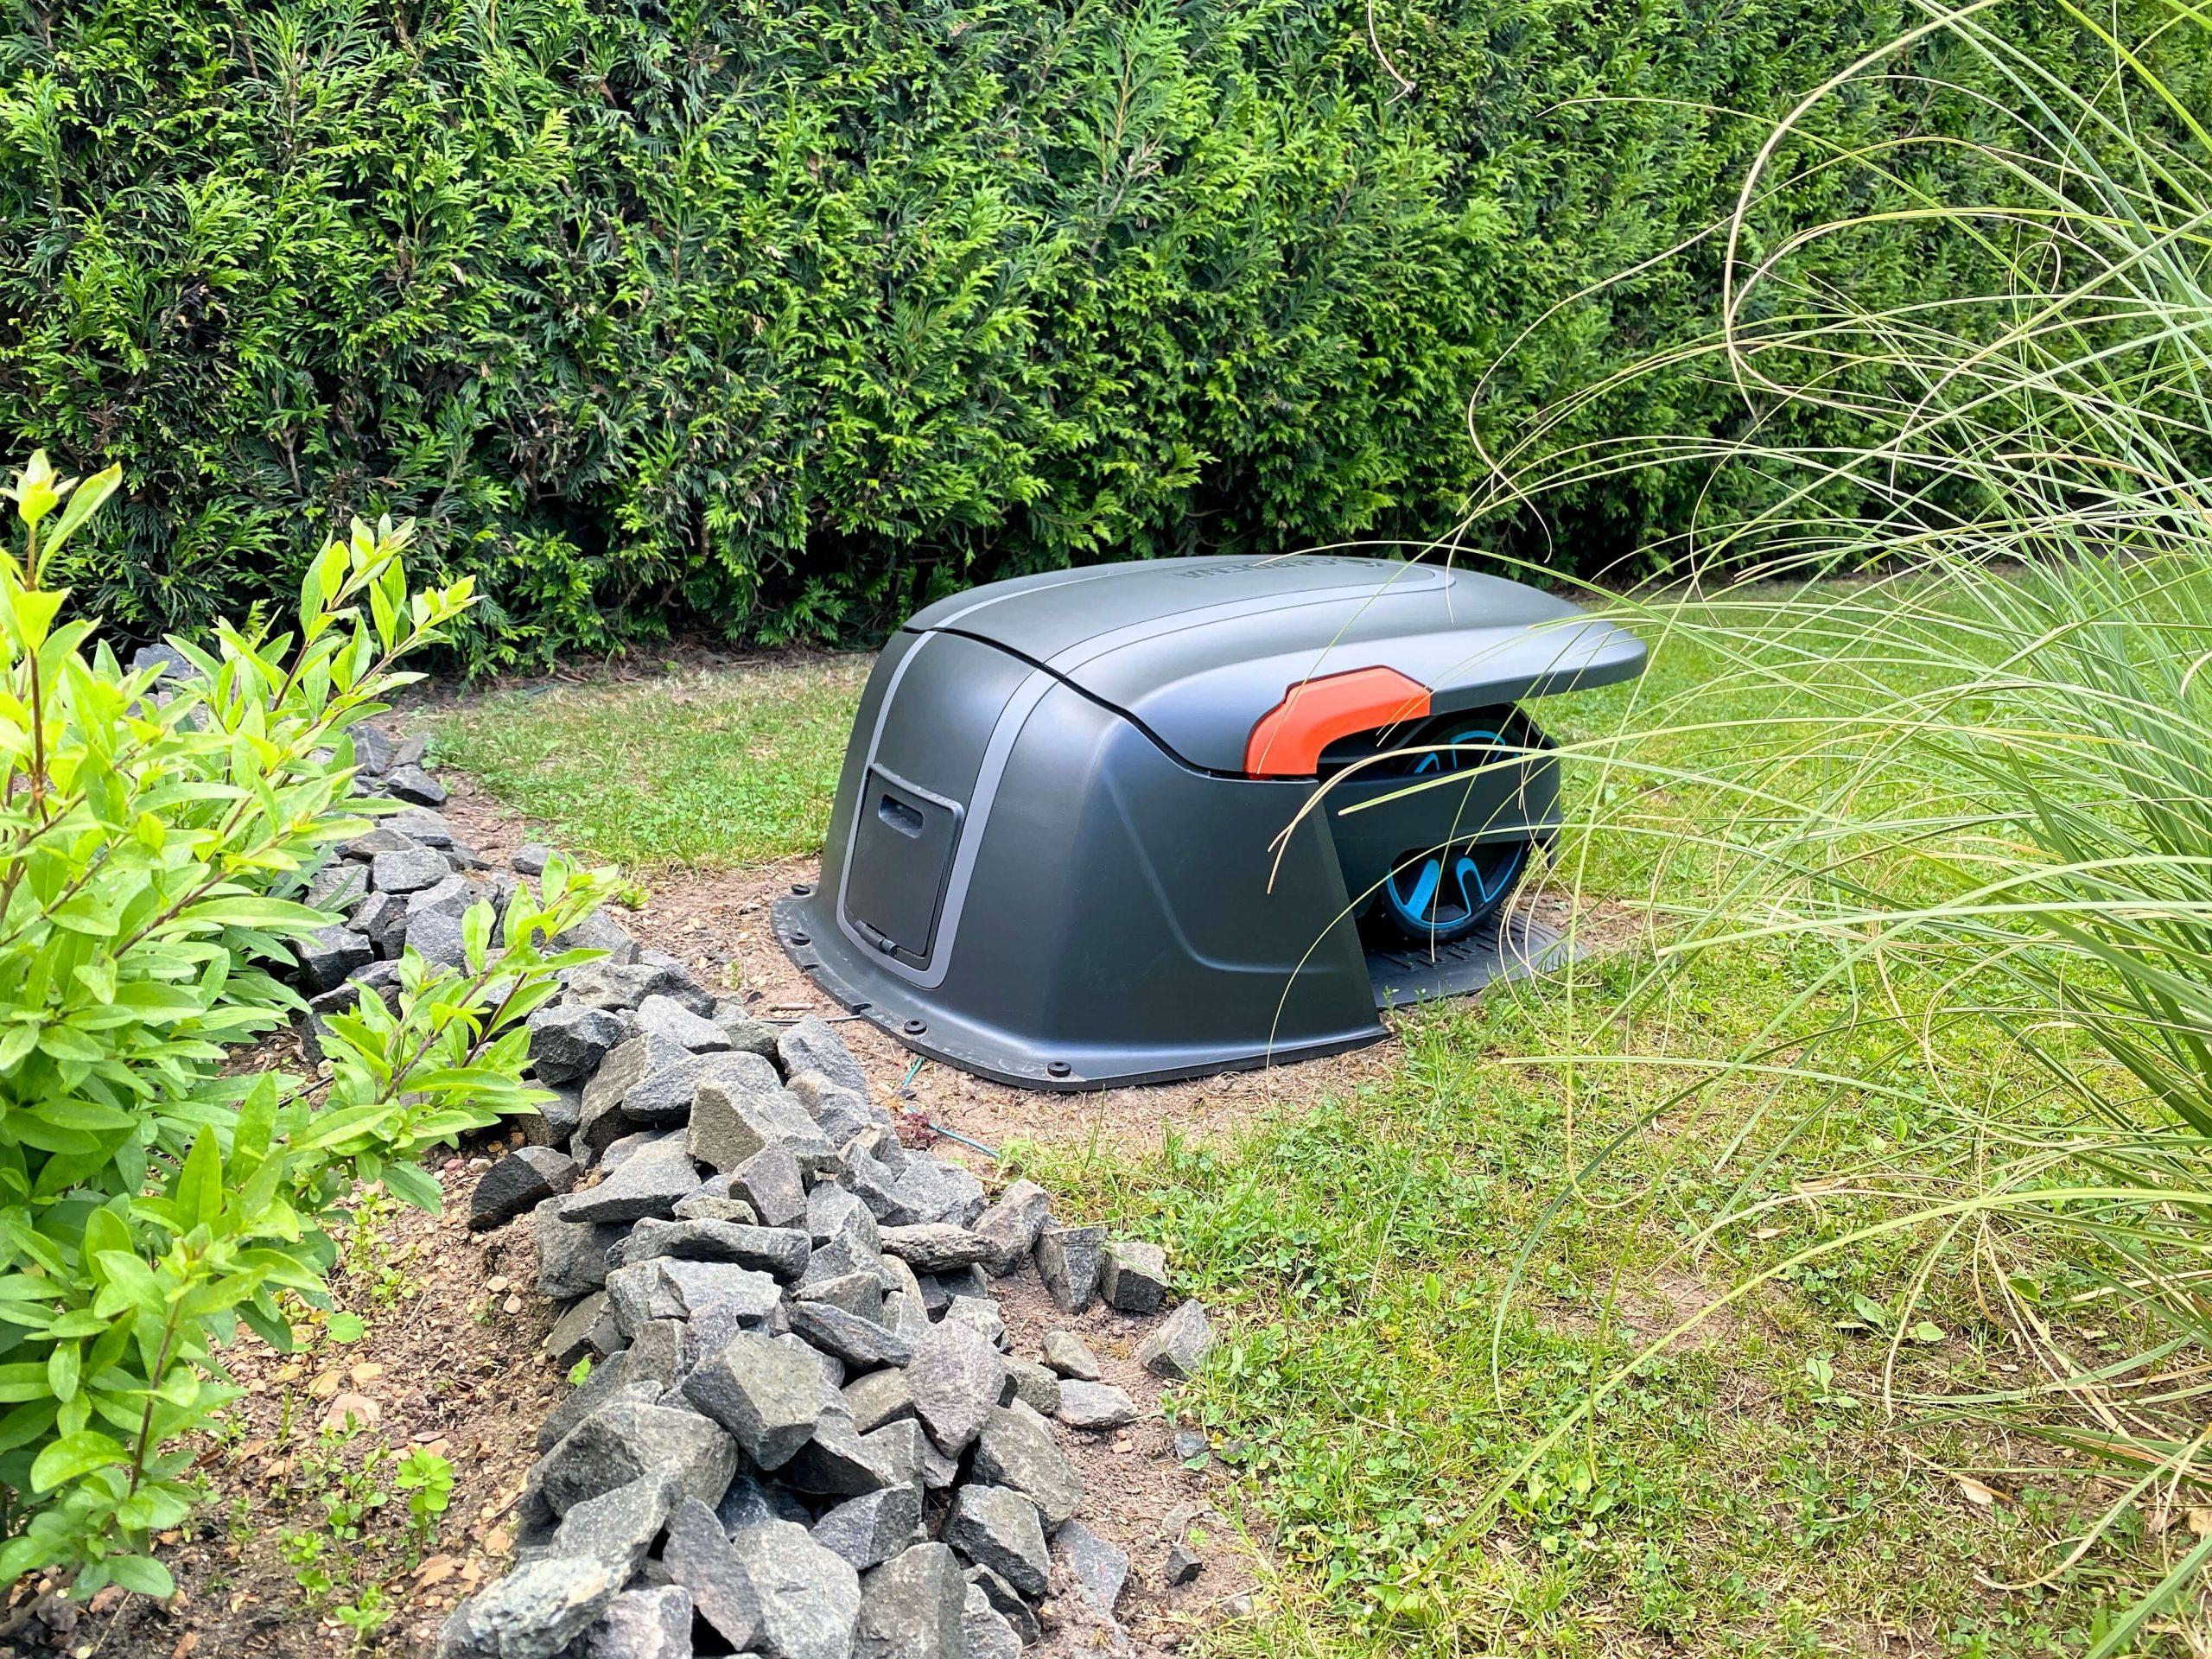 Sileno-City-von-Gardena-ein-stylischer-und-robuster-Rasenmähroboter5-scaled Sileno City von Gardena - stylischer, robuster und smarter Rasenmähroboter